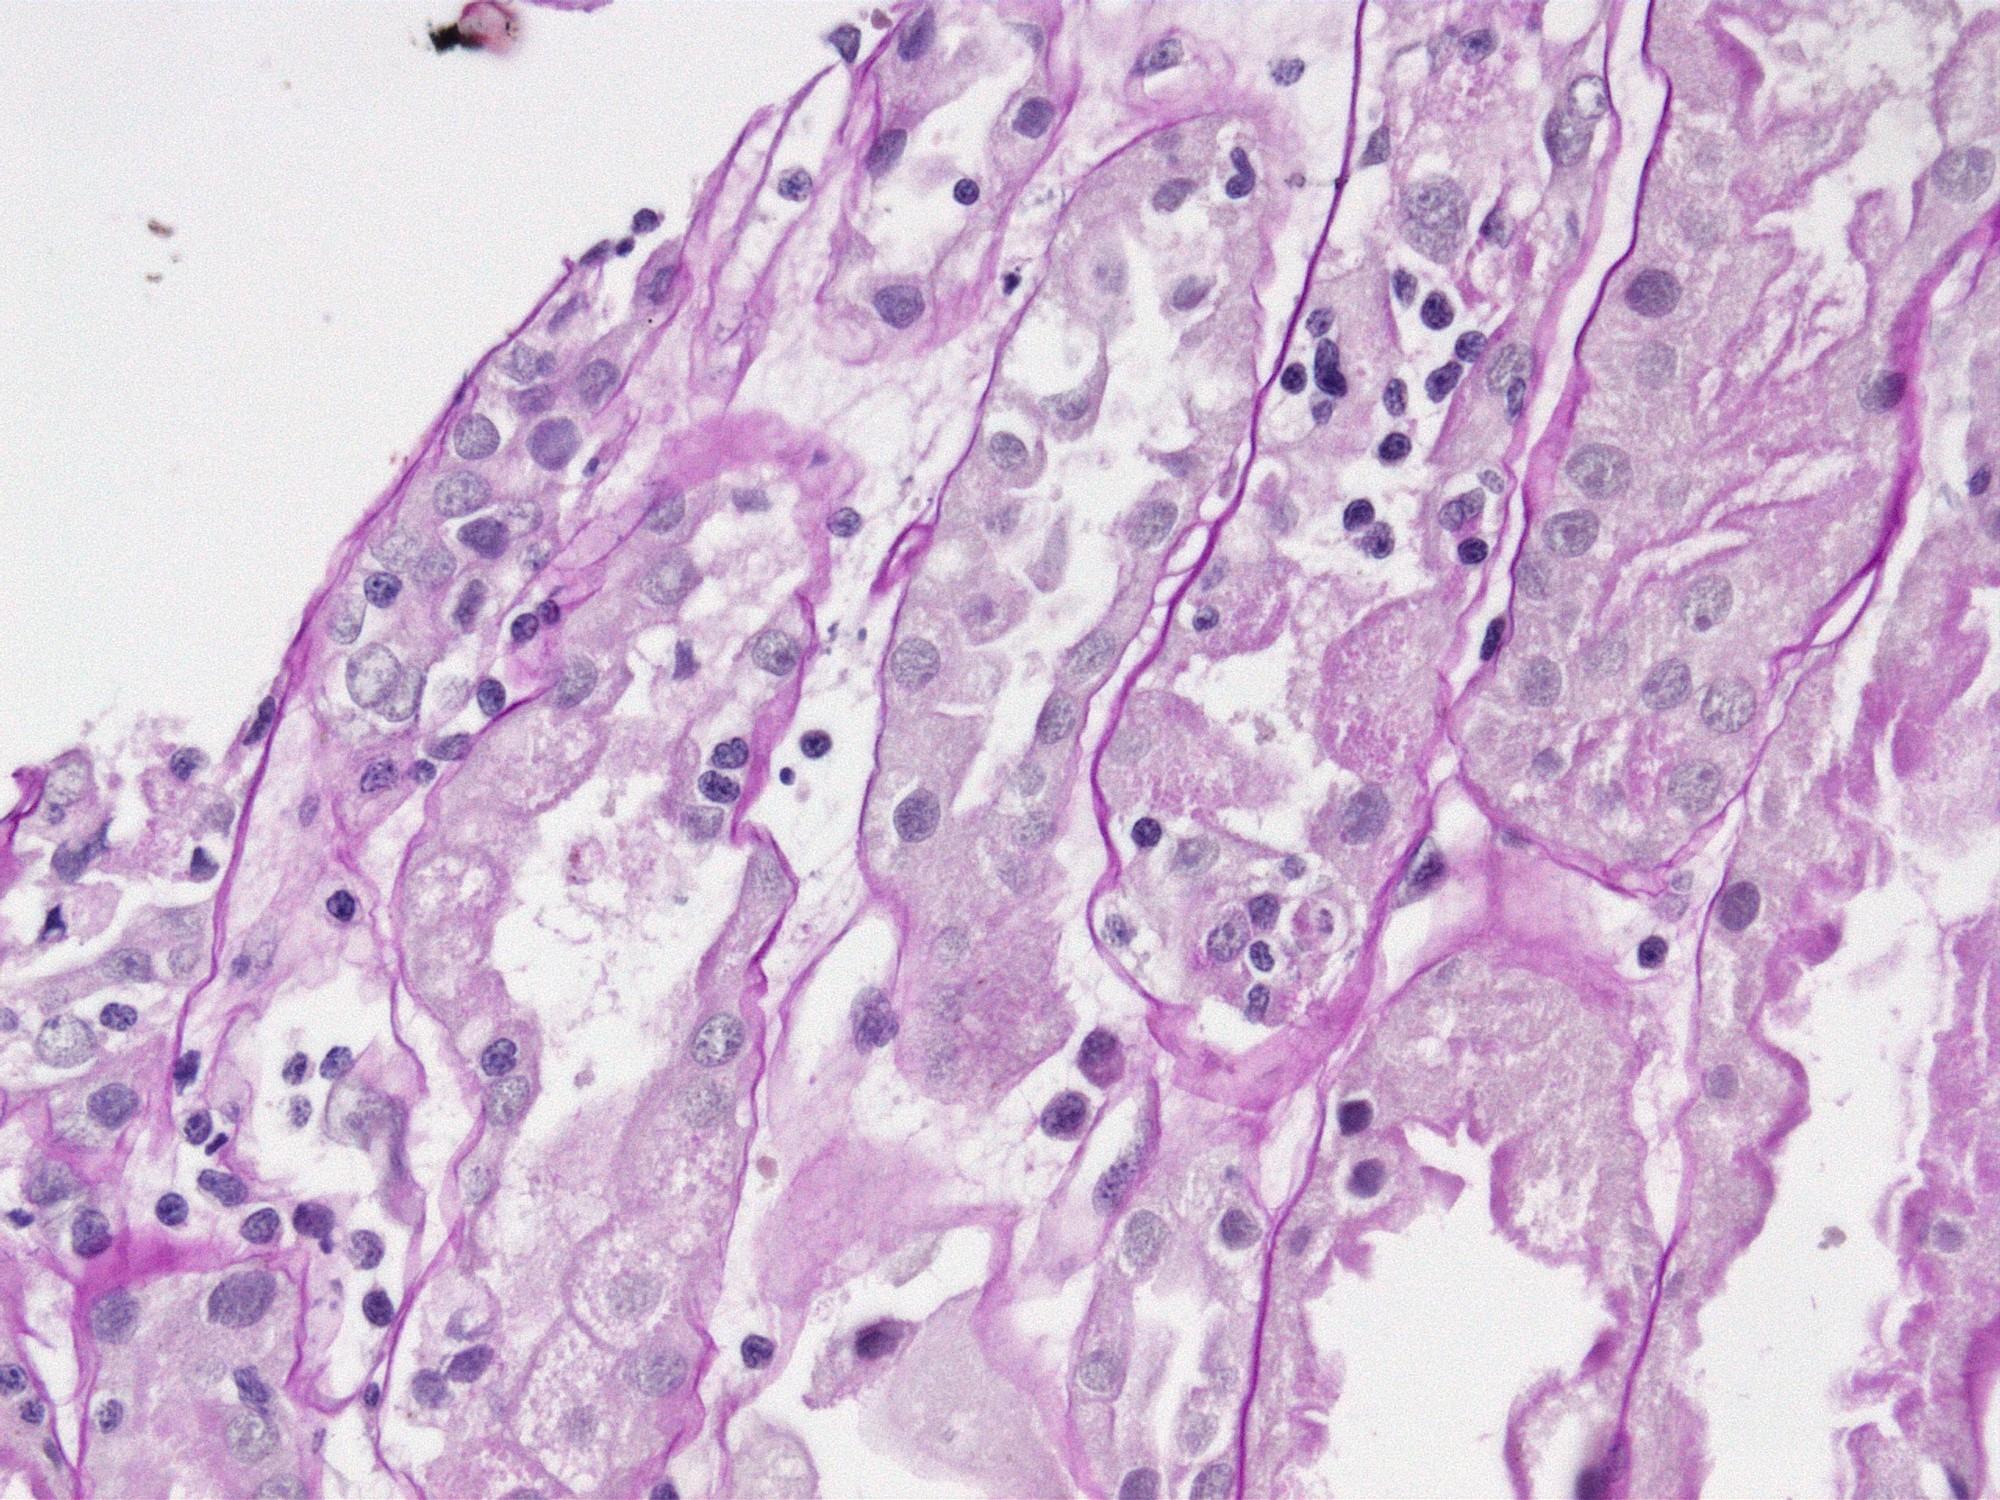 Tubulitis, PAS stain